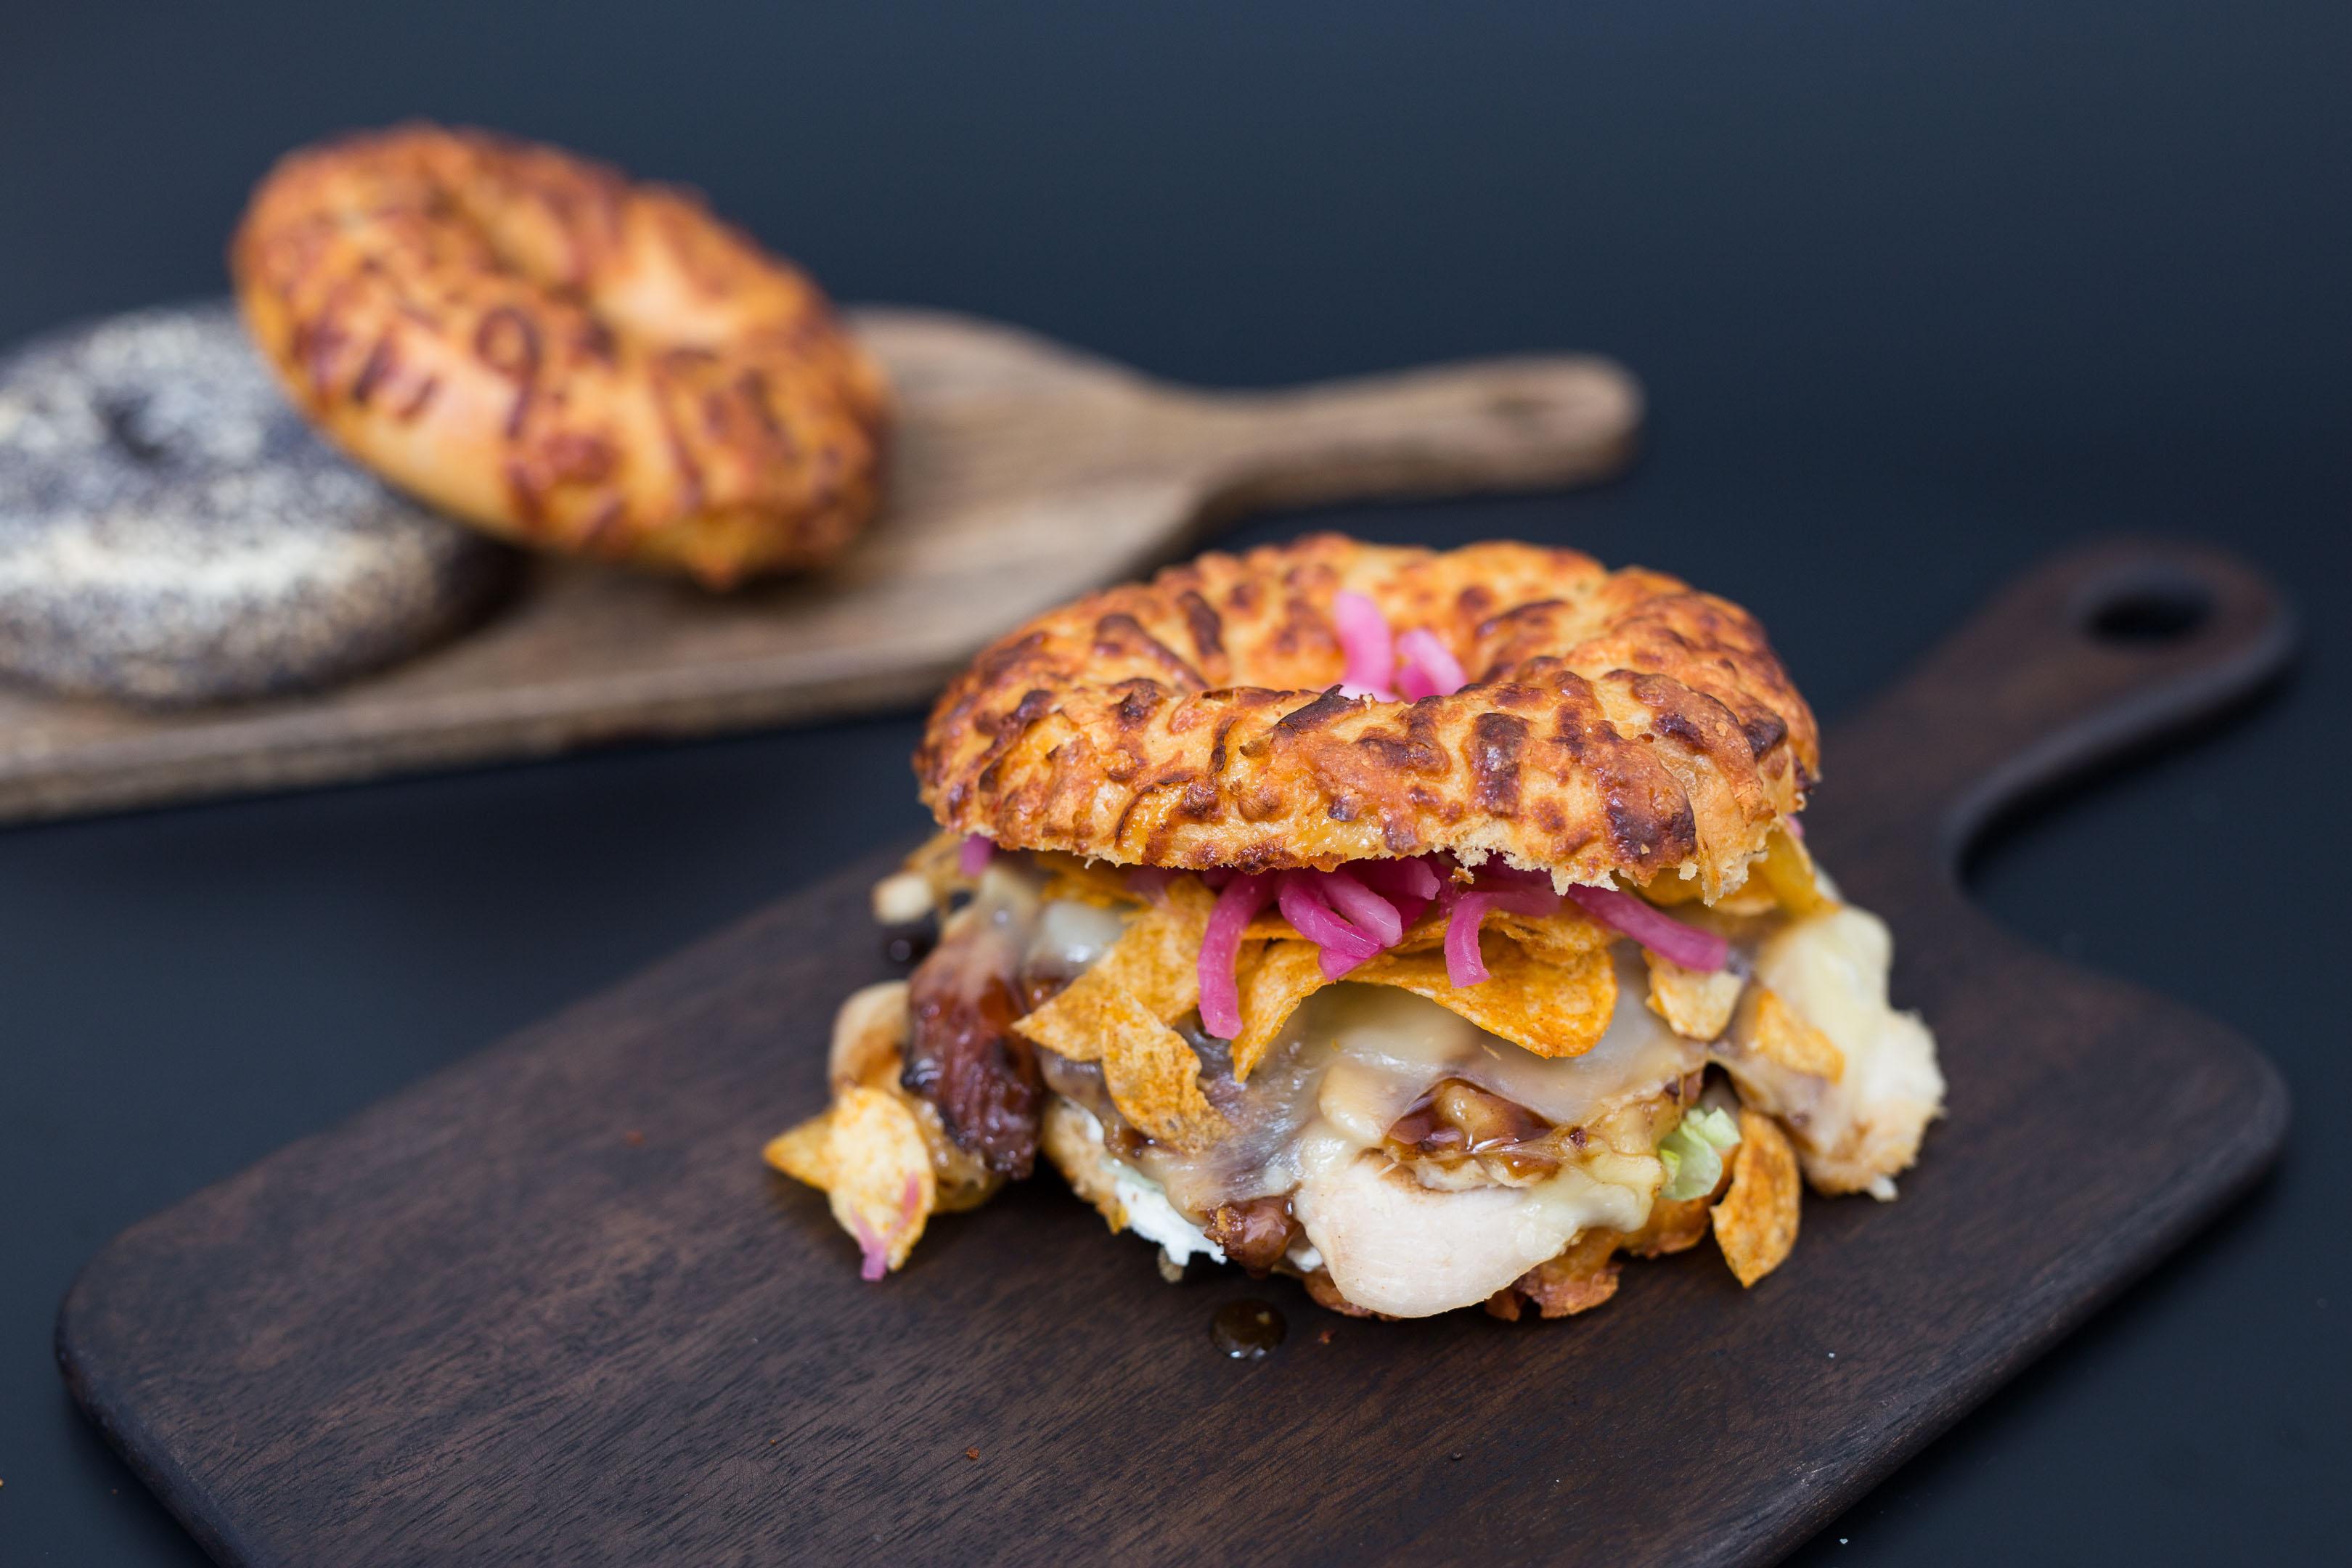 Matfoto bagel burgers